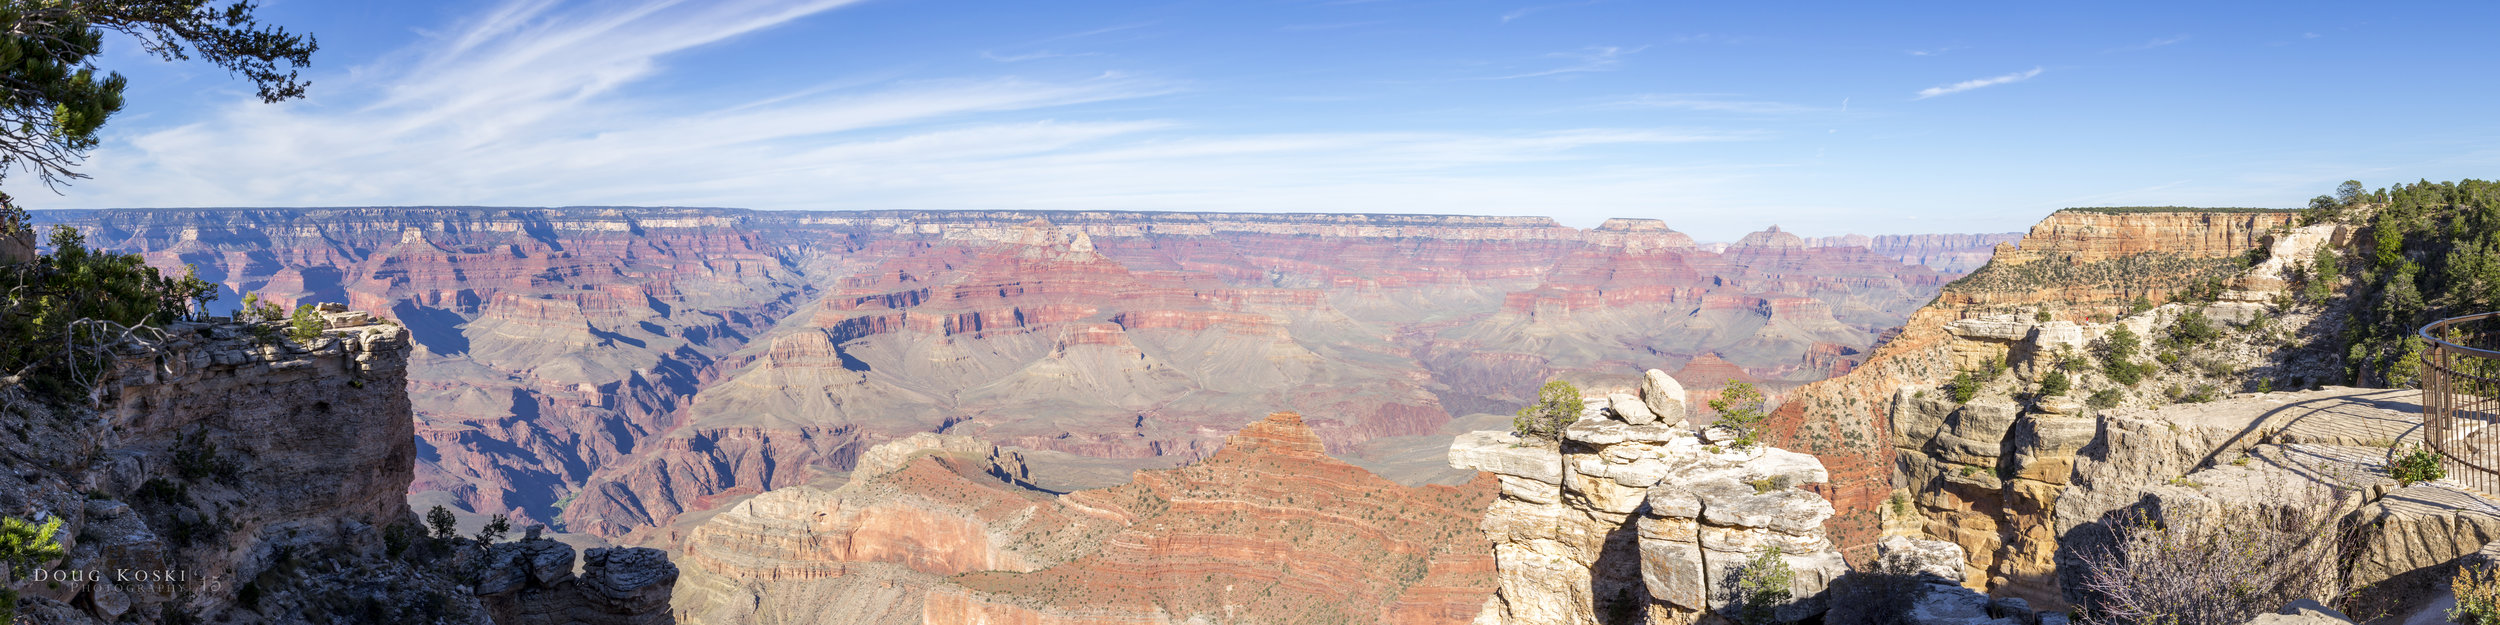 South Rim - Grand Canyon